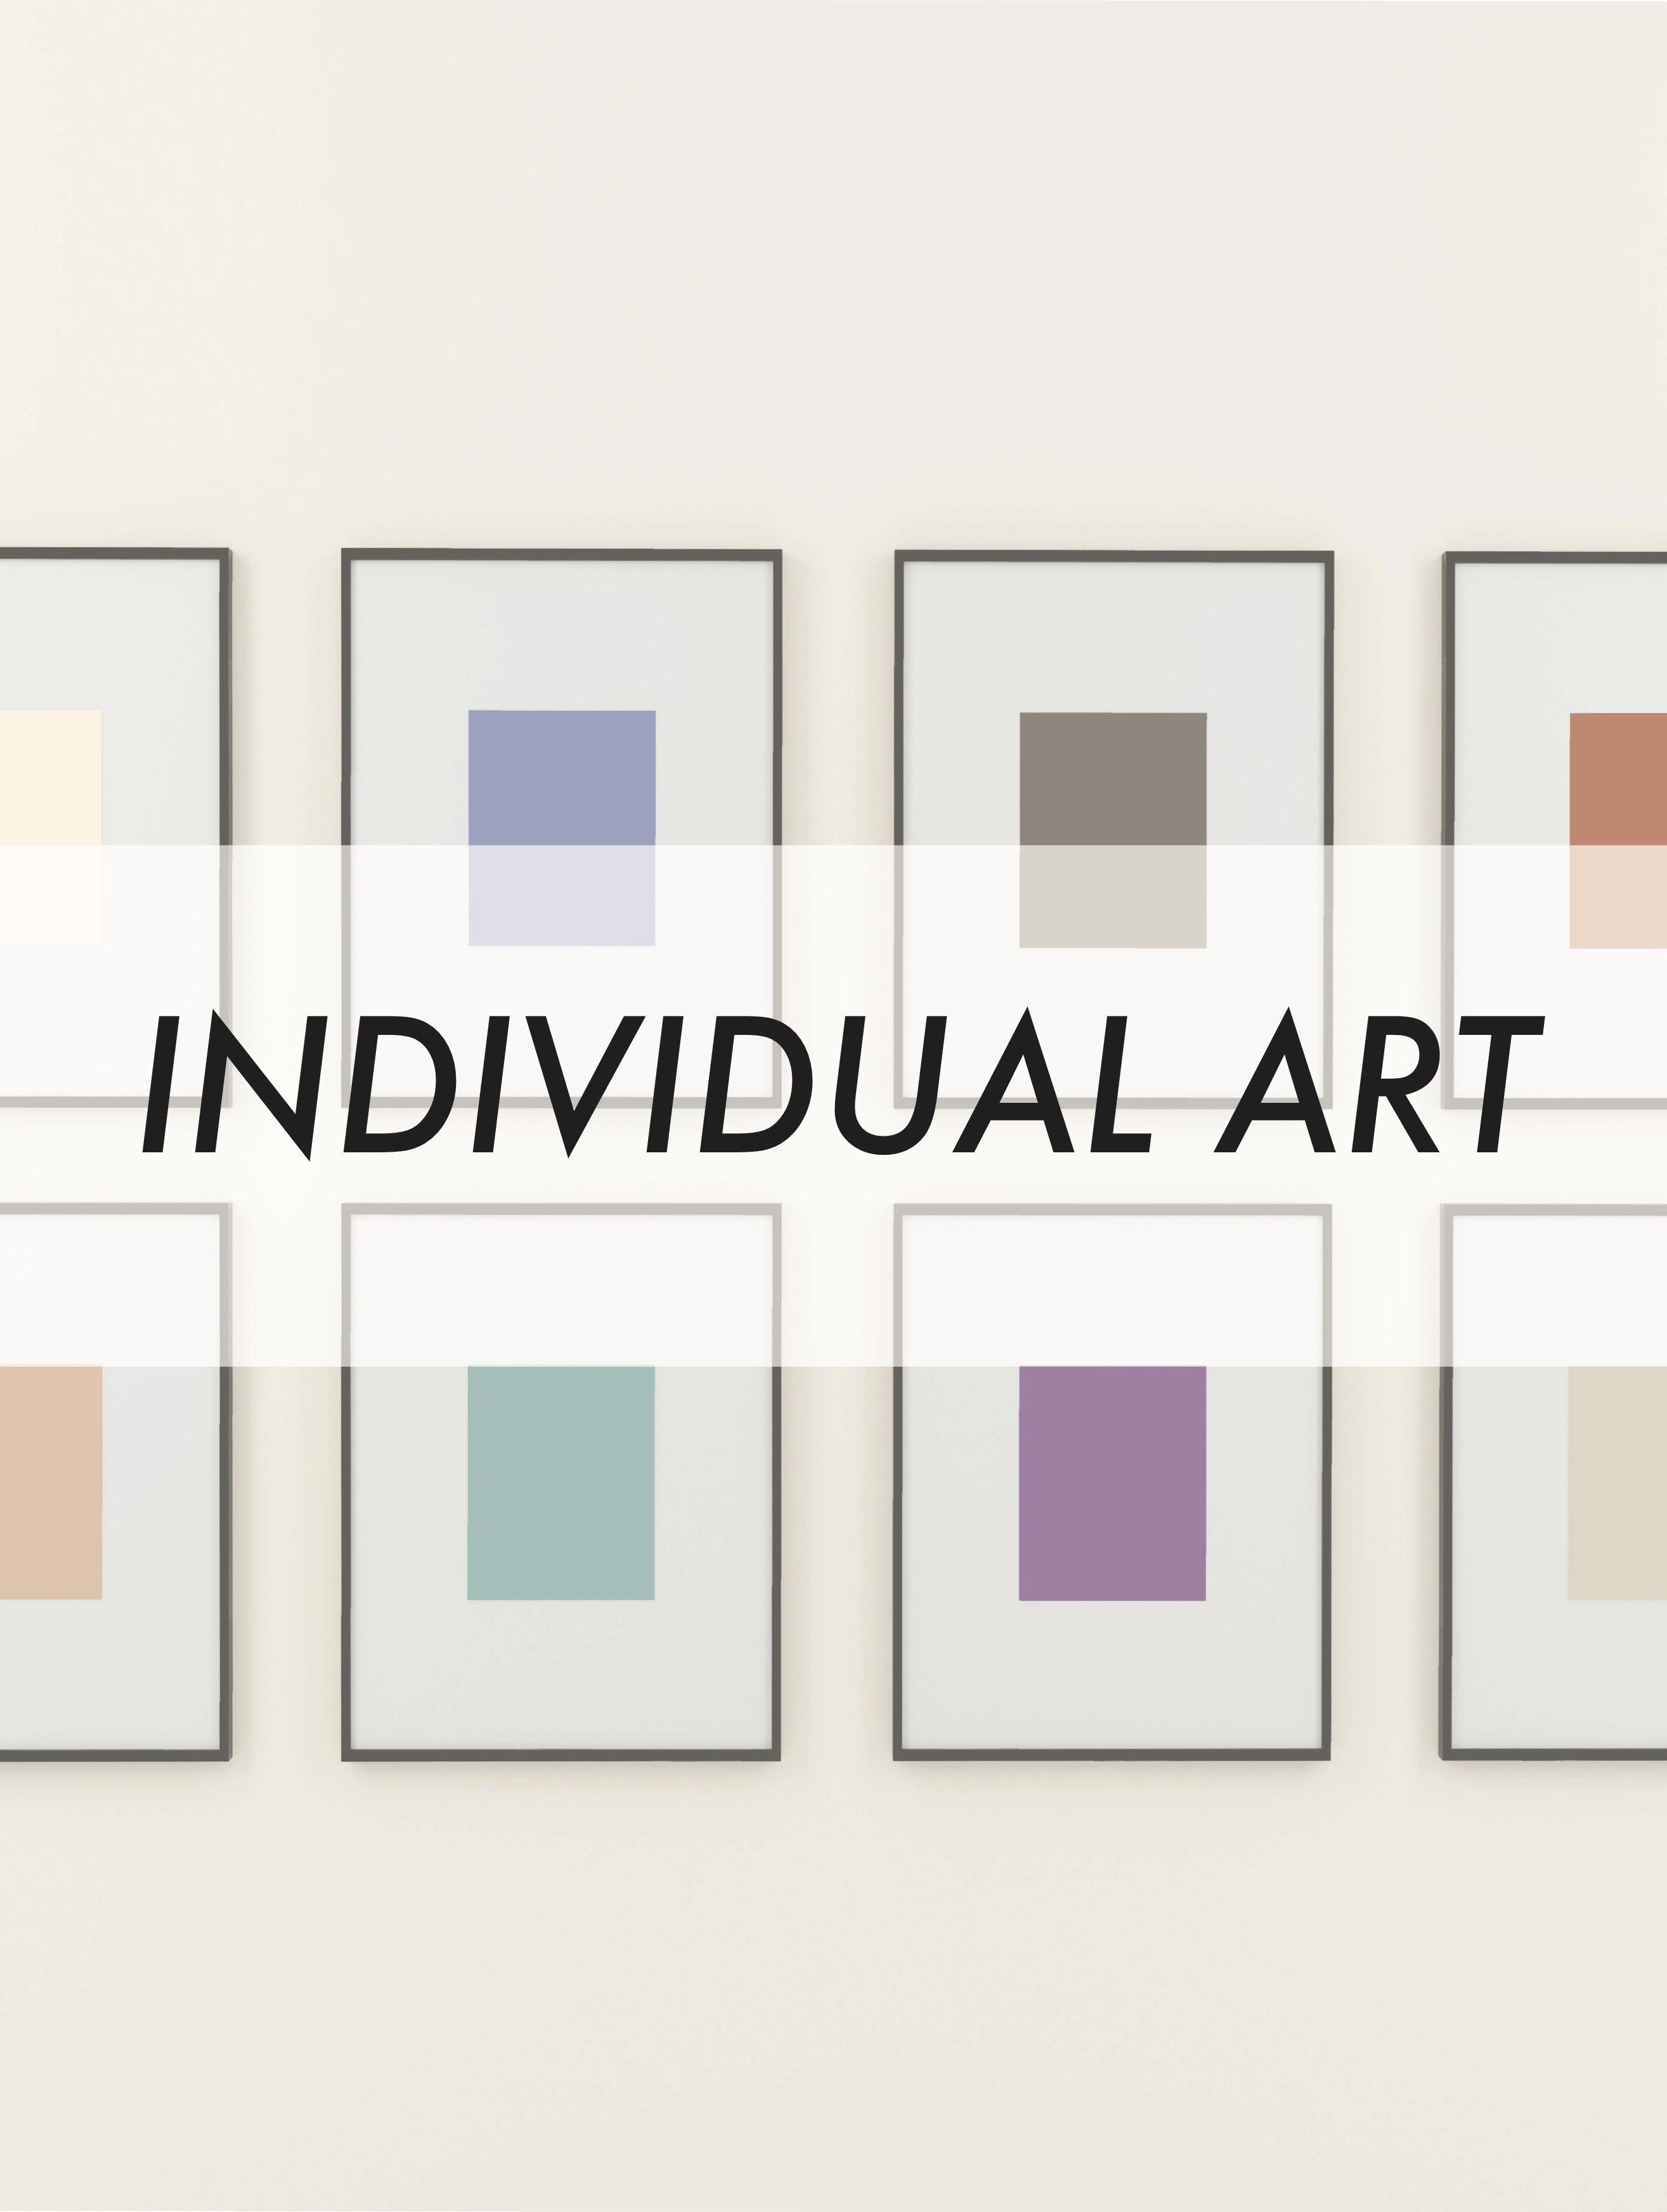 【新サービス】INDIVIDUAL ART リリースについて